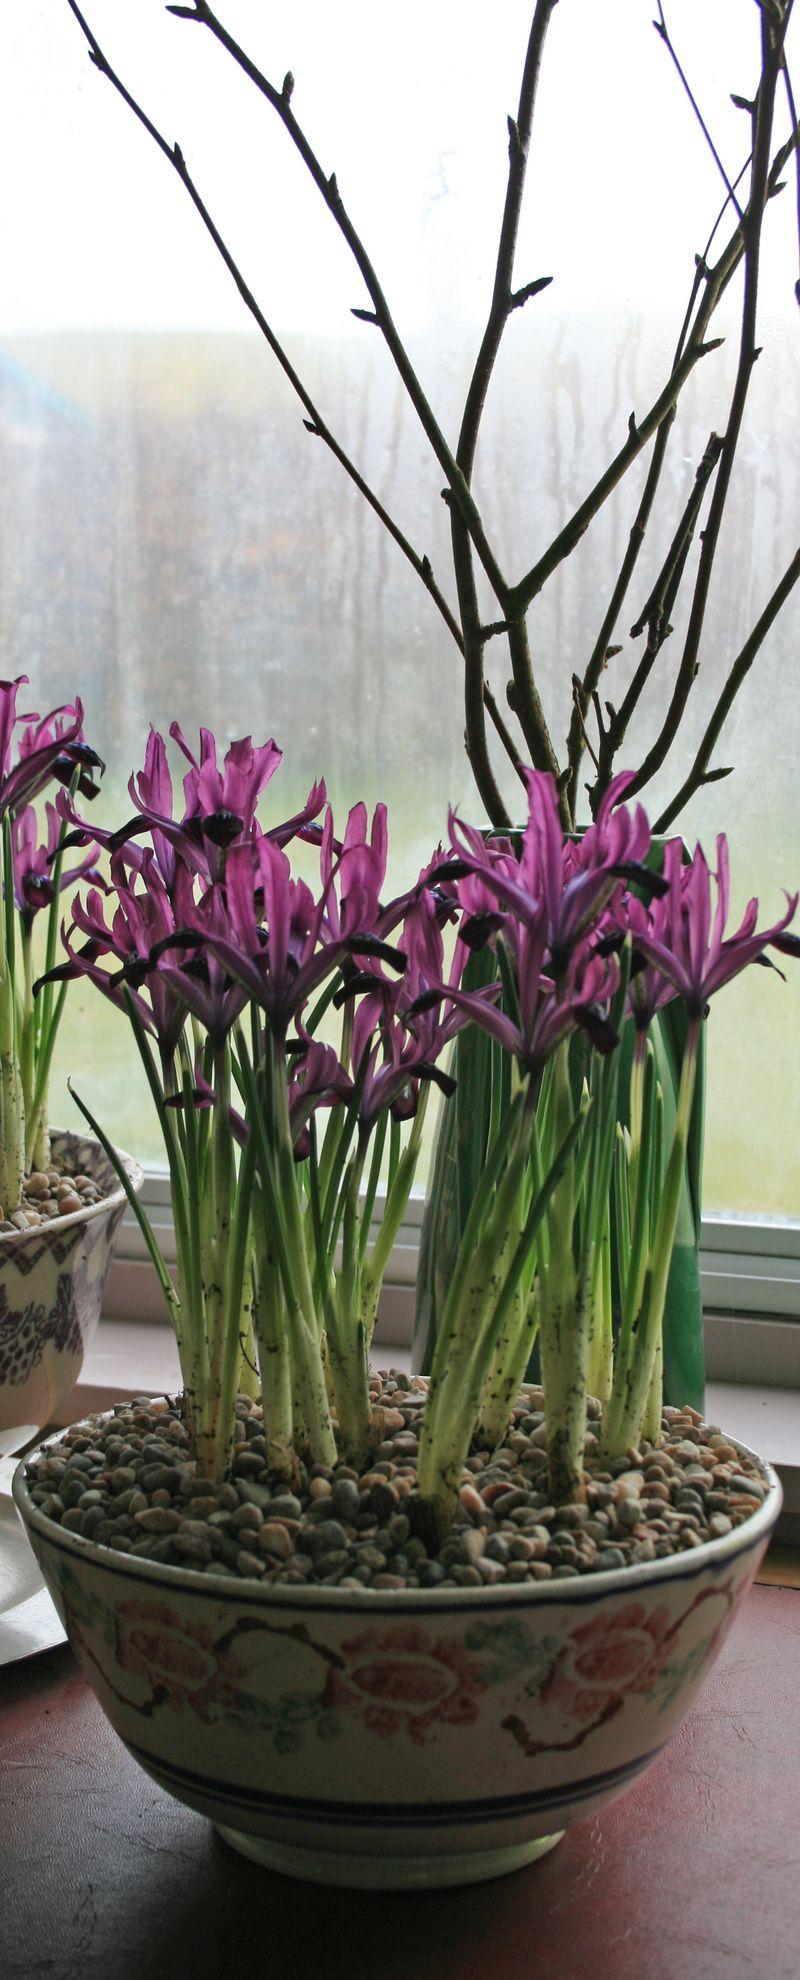 Iris and birch